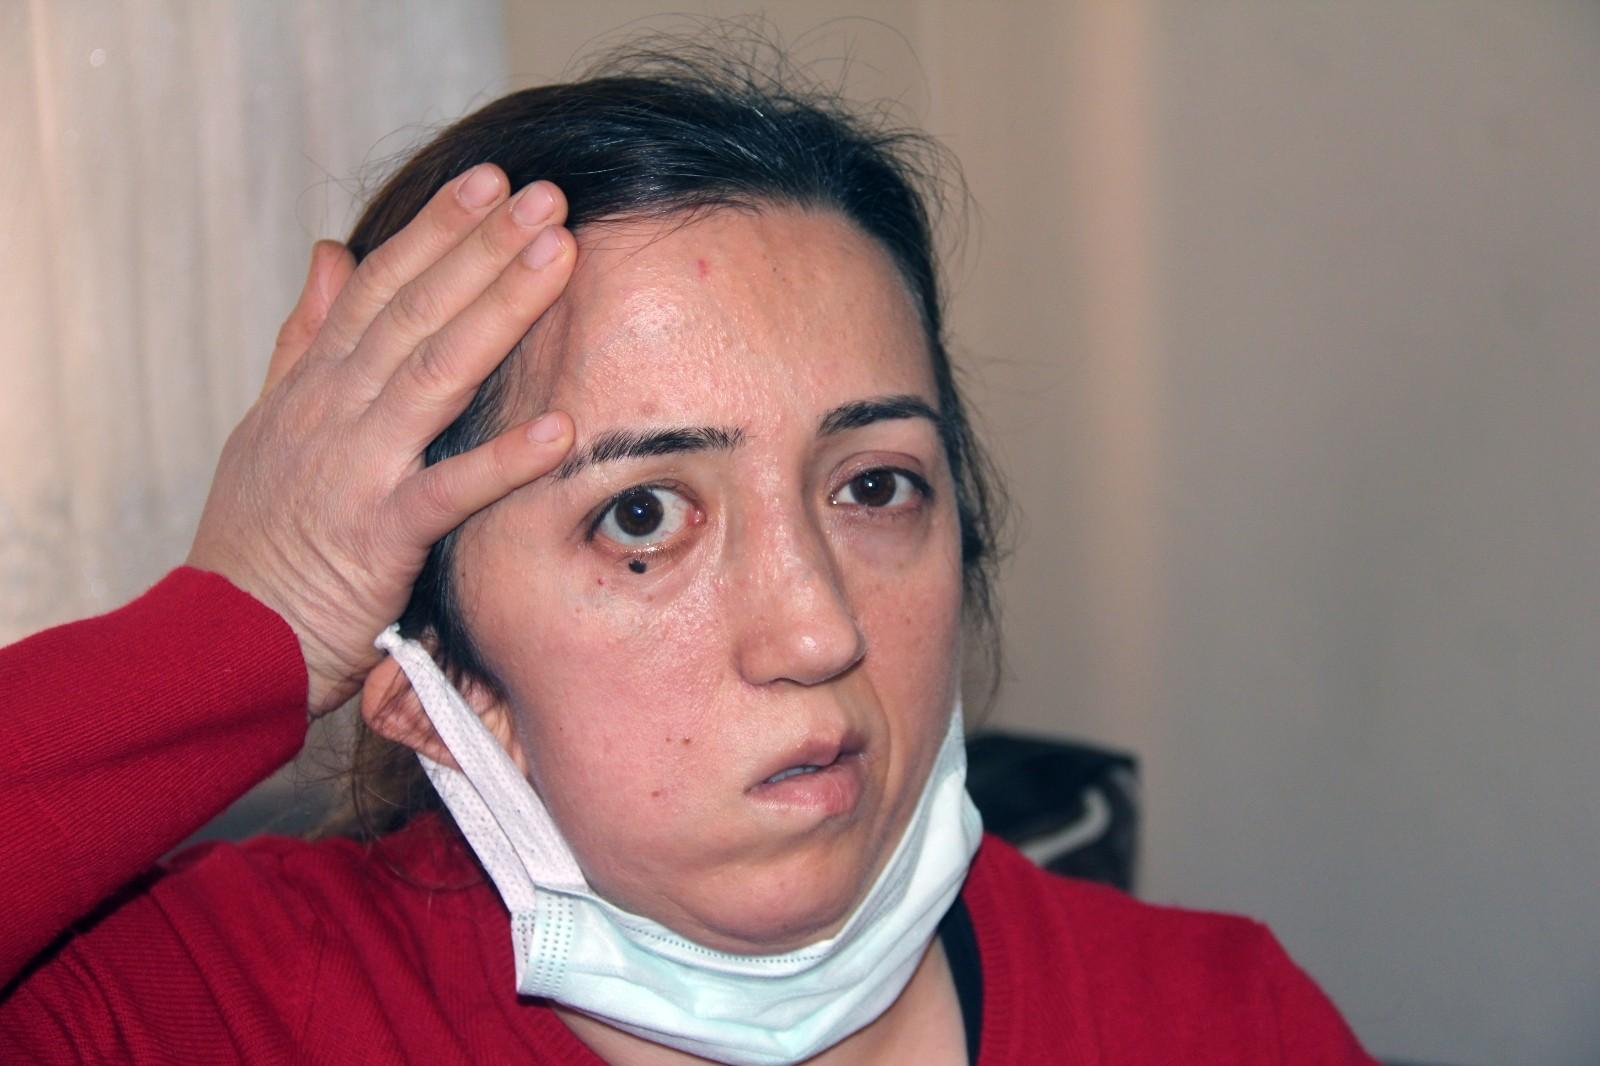 Duyanlar kulaklarına inanamıyor! Kafatasının bir bölümü ameliyat için çıkarılmıştı, o parça hastanede kayboldu